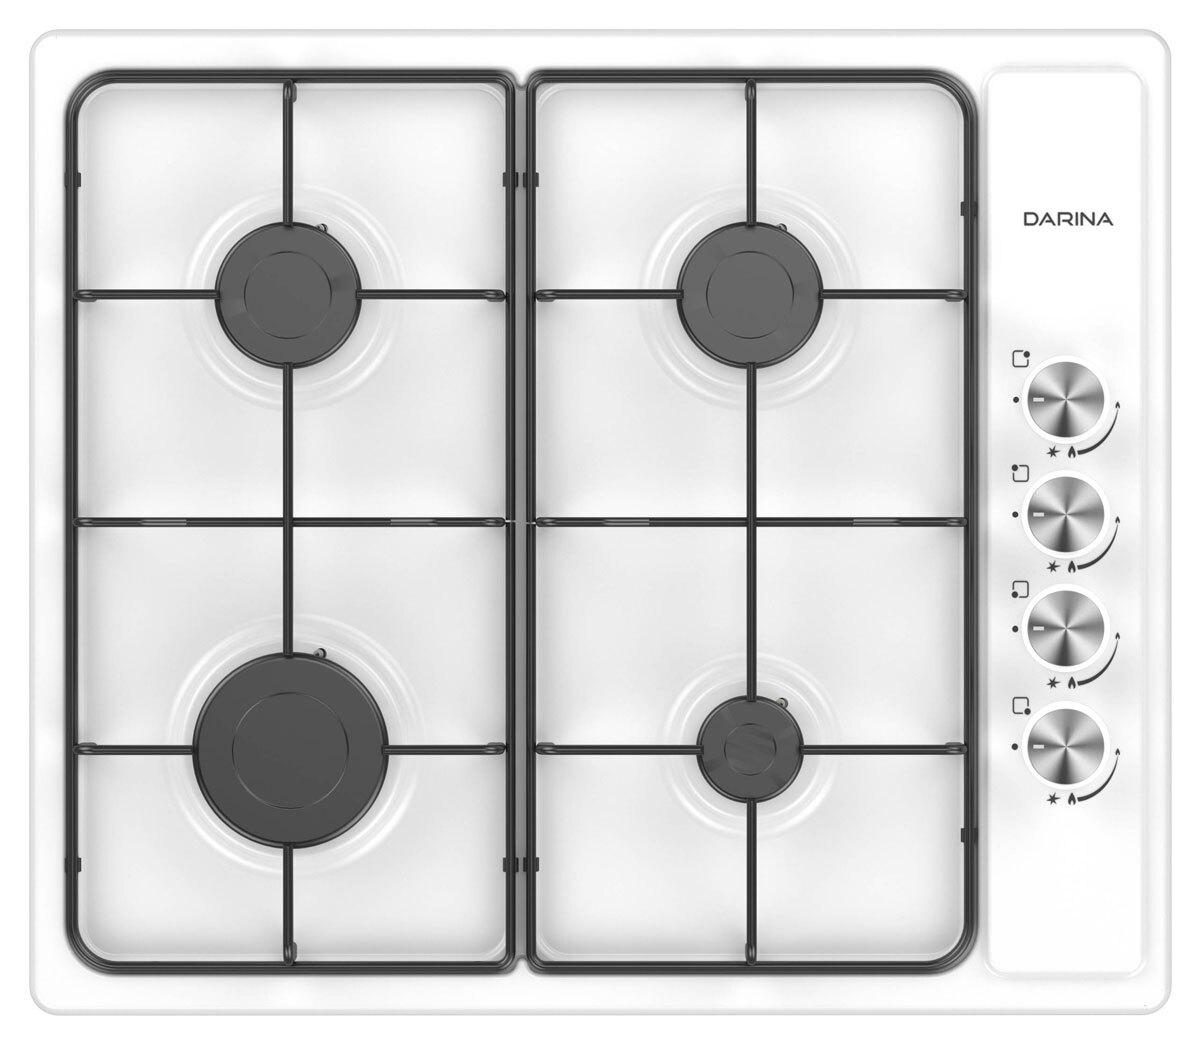 Варочная панель Darina T1 BGM341 11 X, газовая встраиваемая DARINA